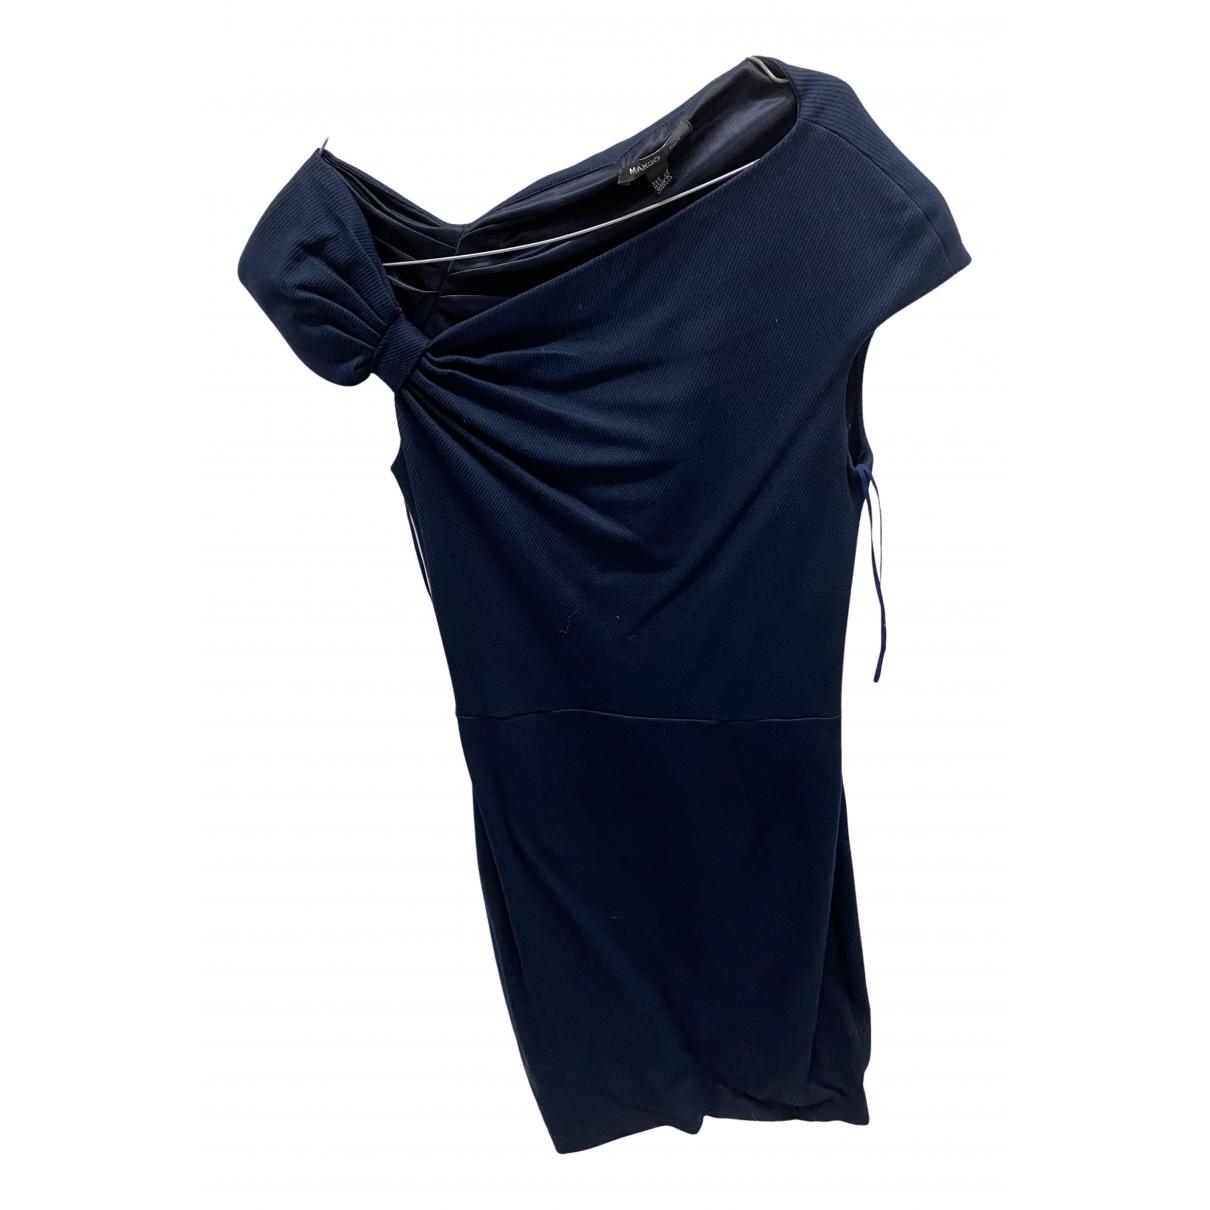 Mango \N Kleid in  Blau Polyester